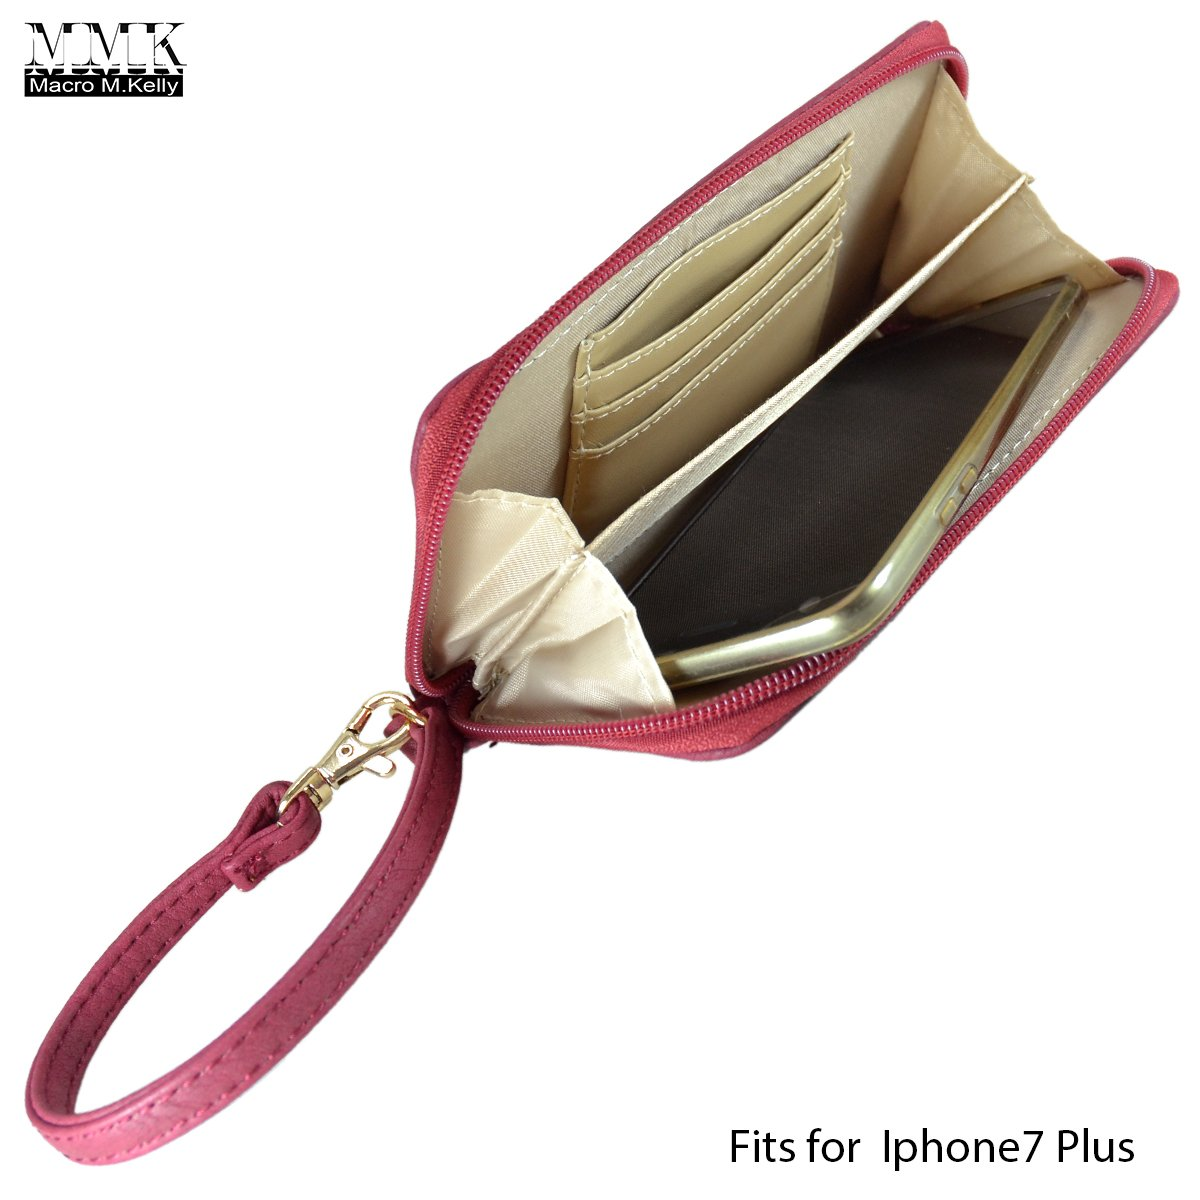 MMK collection Fashion handbag~Classic Tote bag~Holiday gift purse with Wallet~Beautiful Handbag wallet set~Crossbody handbag (MA-07-6717-BK/CF) by Marco M. Kelly (Image #4)